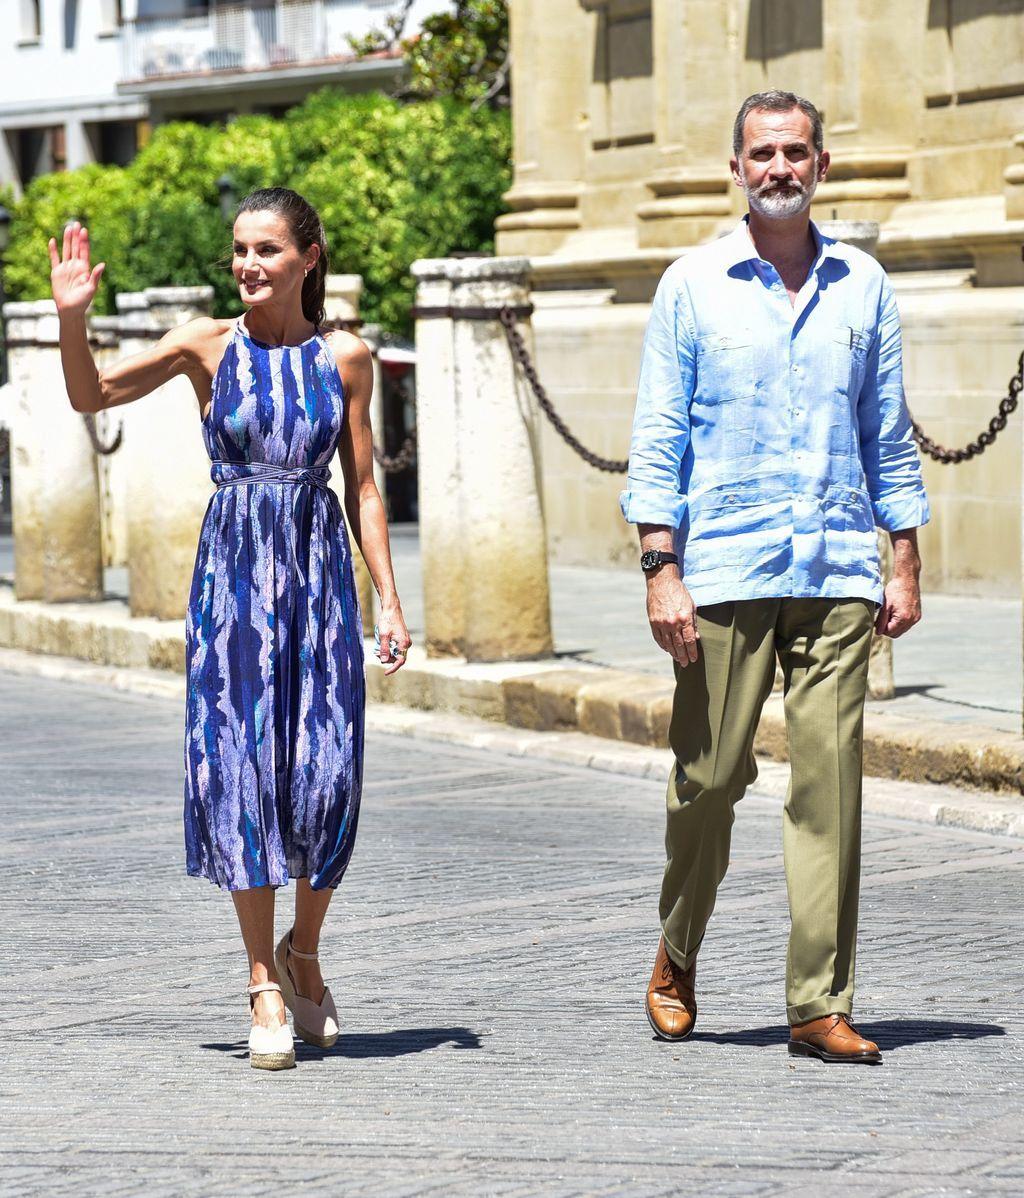 Los reyes de España en su visita a Las Tres Mil Viviendas, Sevilla